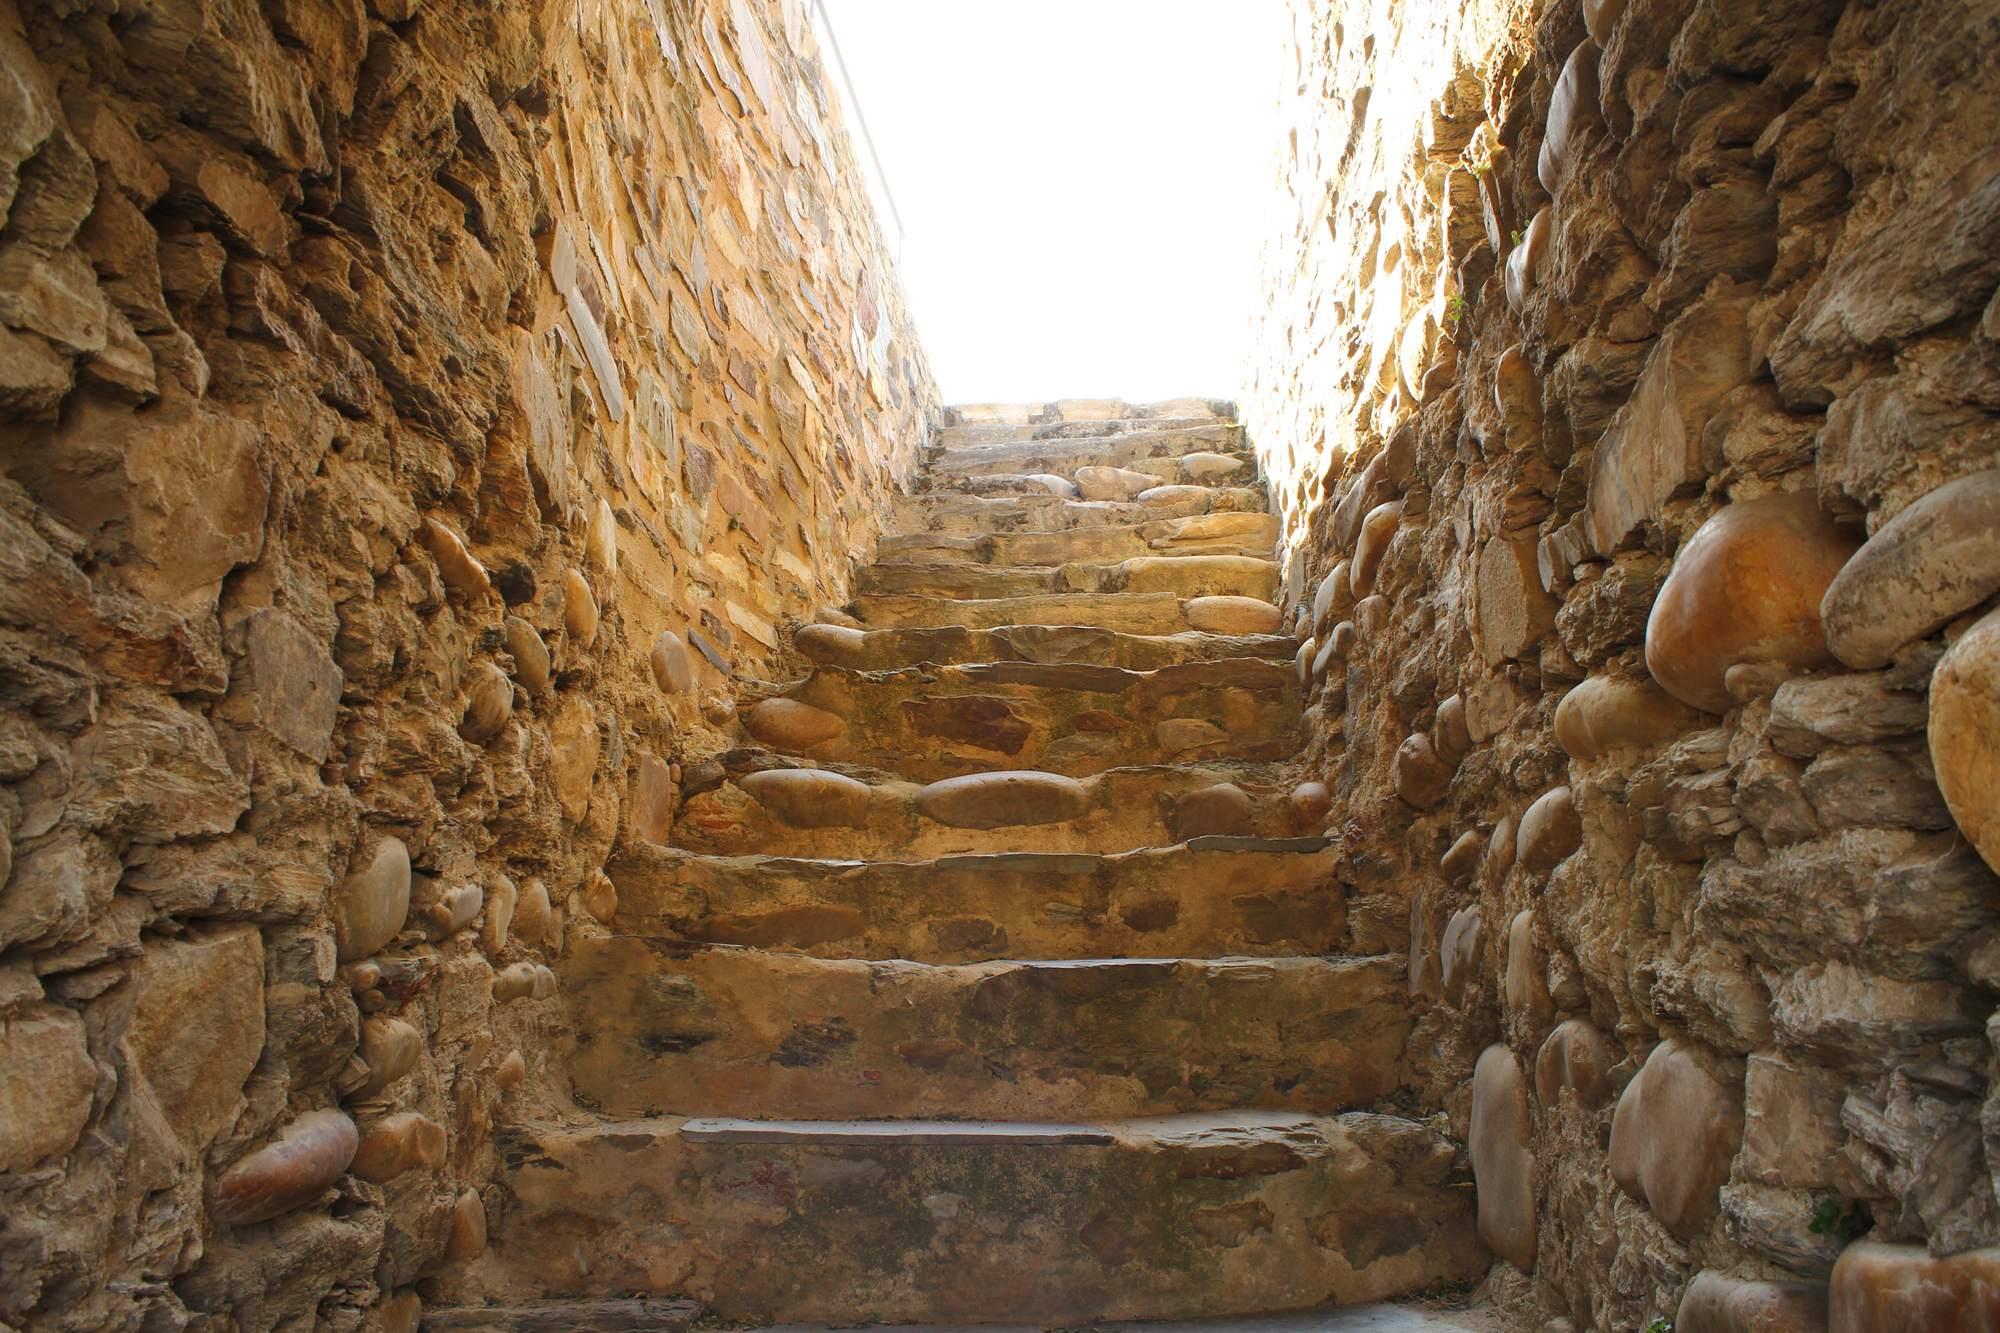 castle ponferrada8 Templar Castle of Ponferrada, Spain